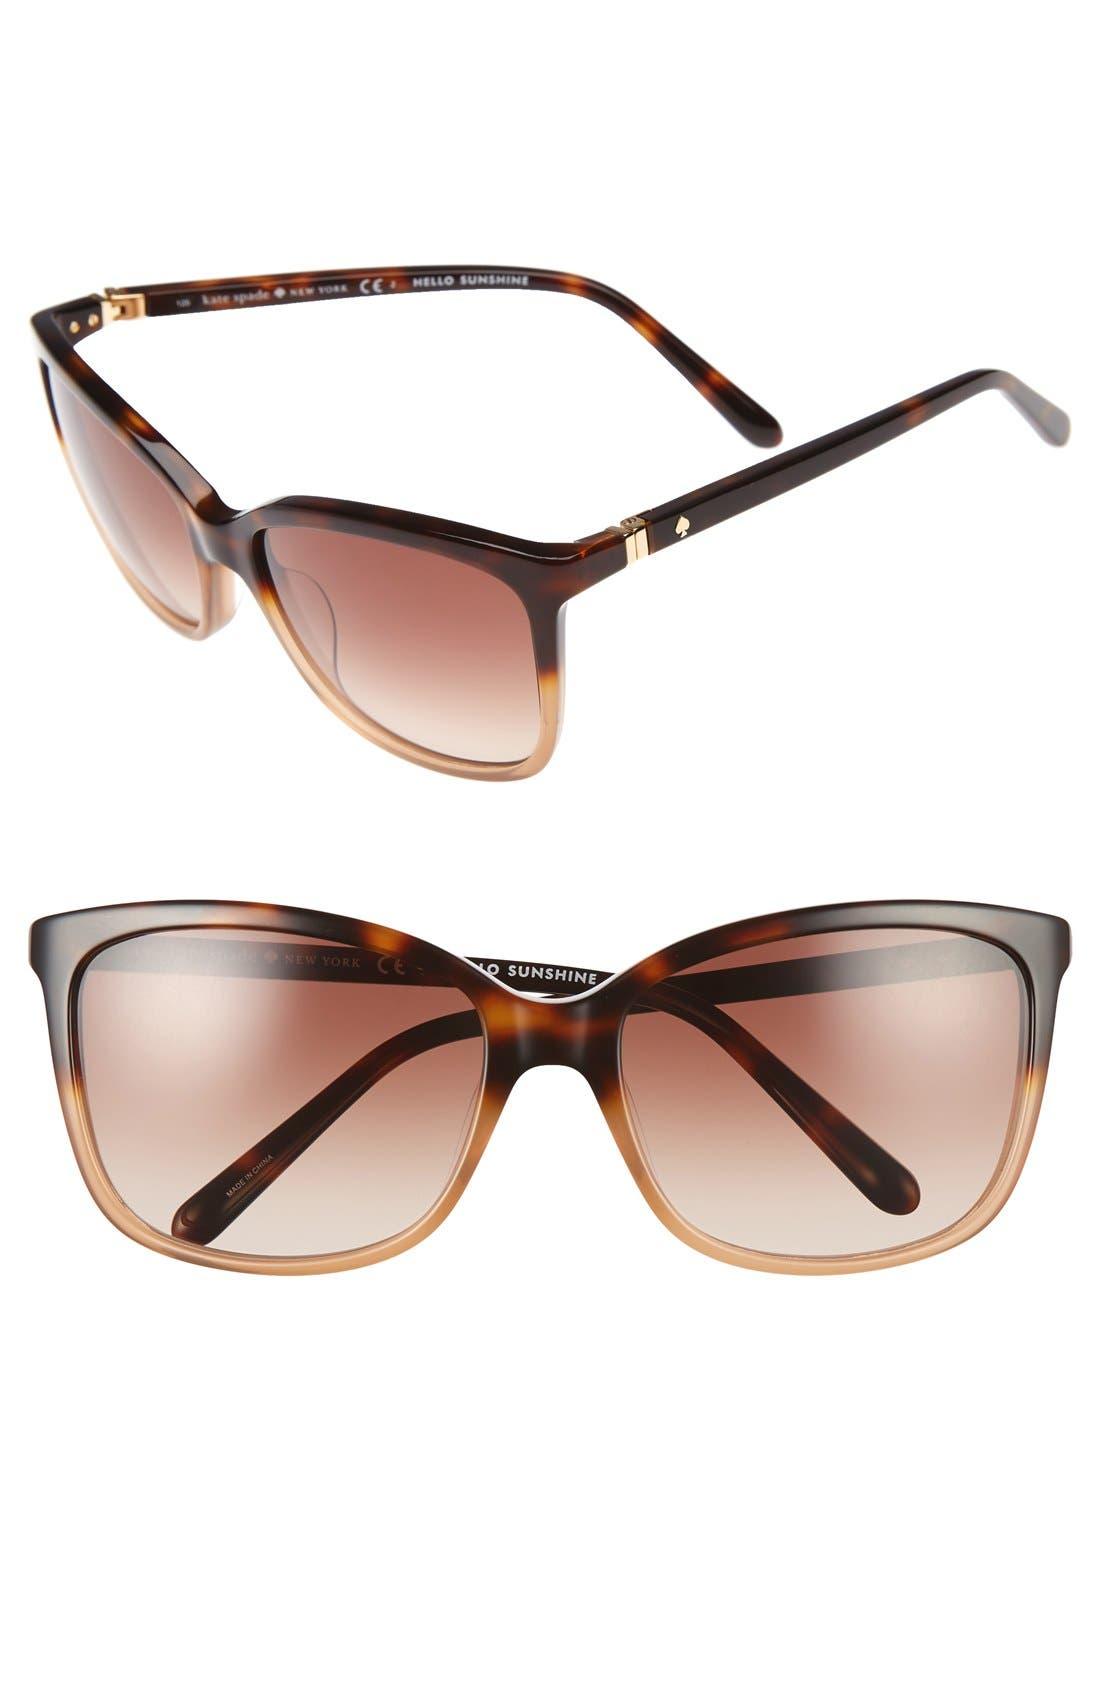 kasie 55mm cat eye sunglasses,                         Main,                         color, Havana/ Nude